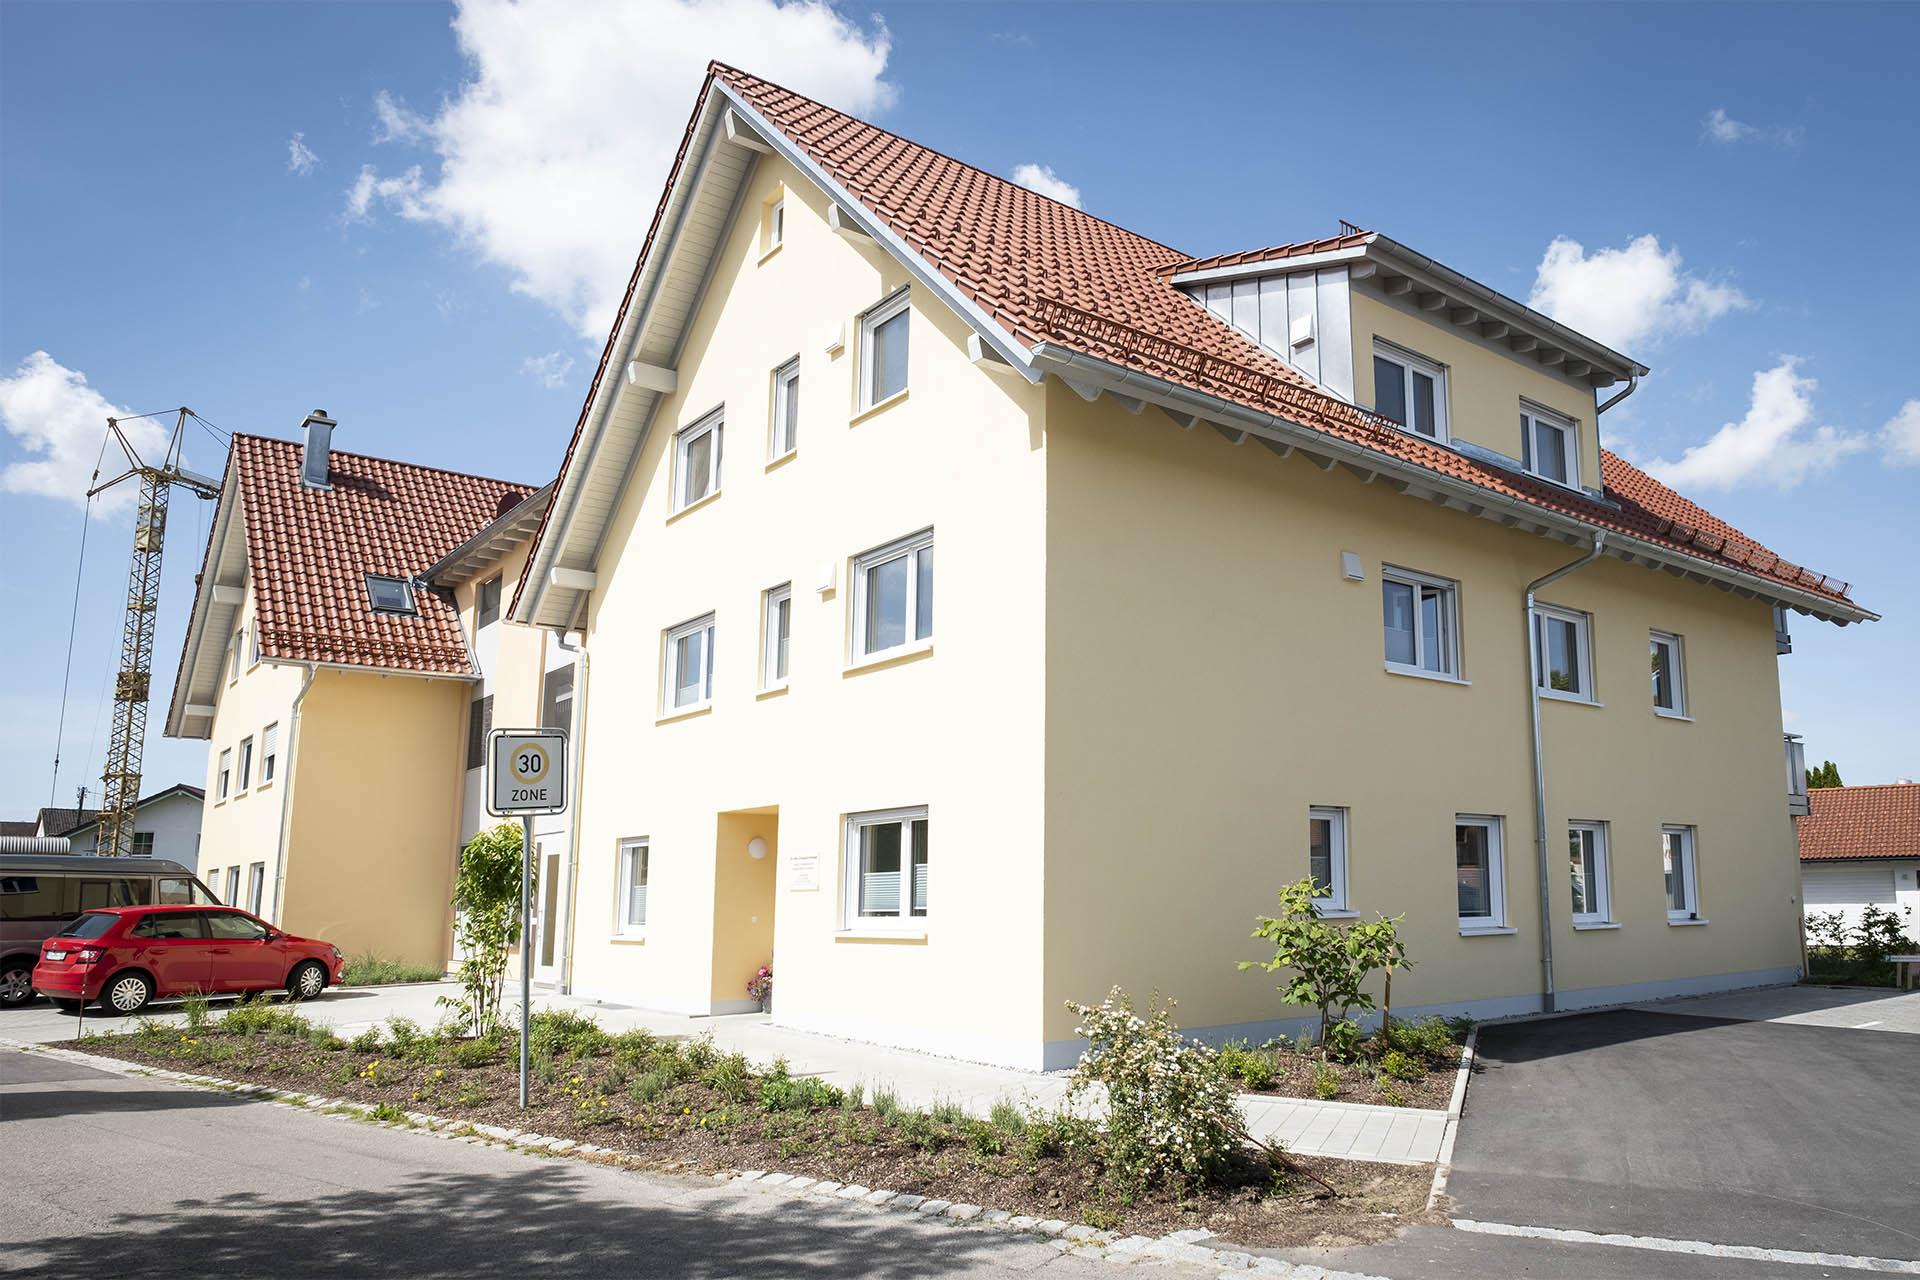 Kimratshofen I-3